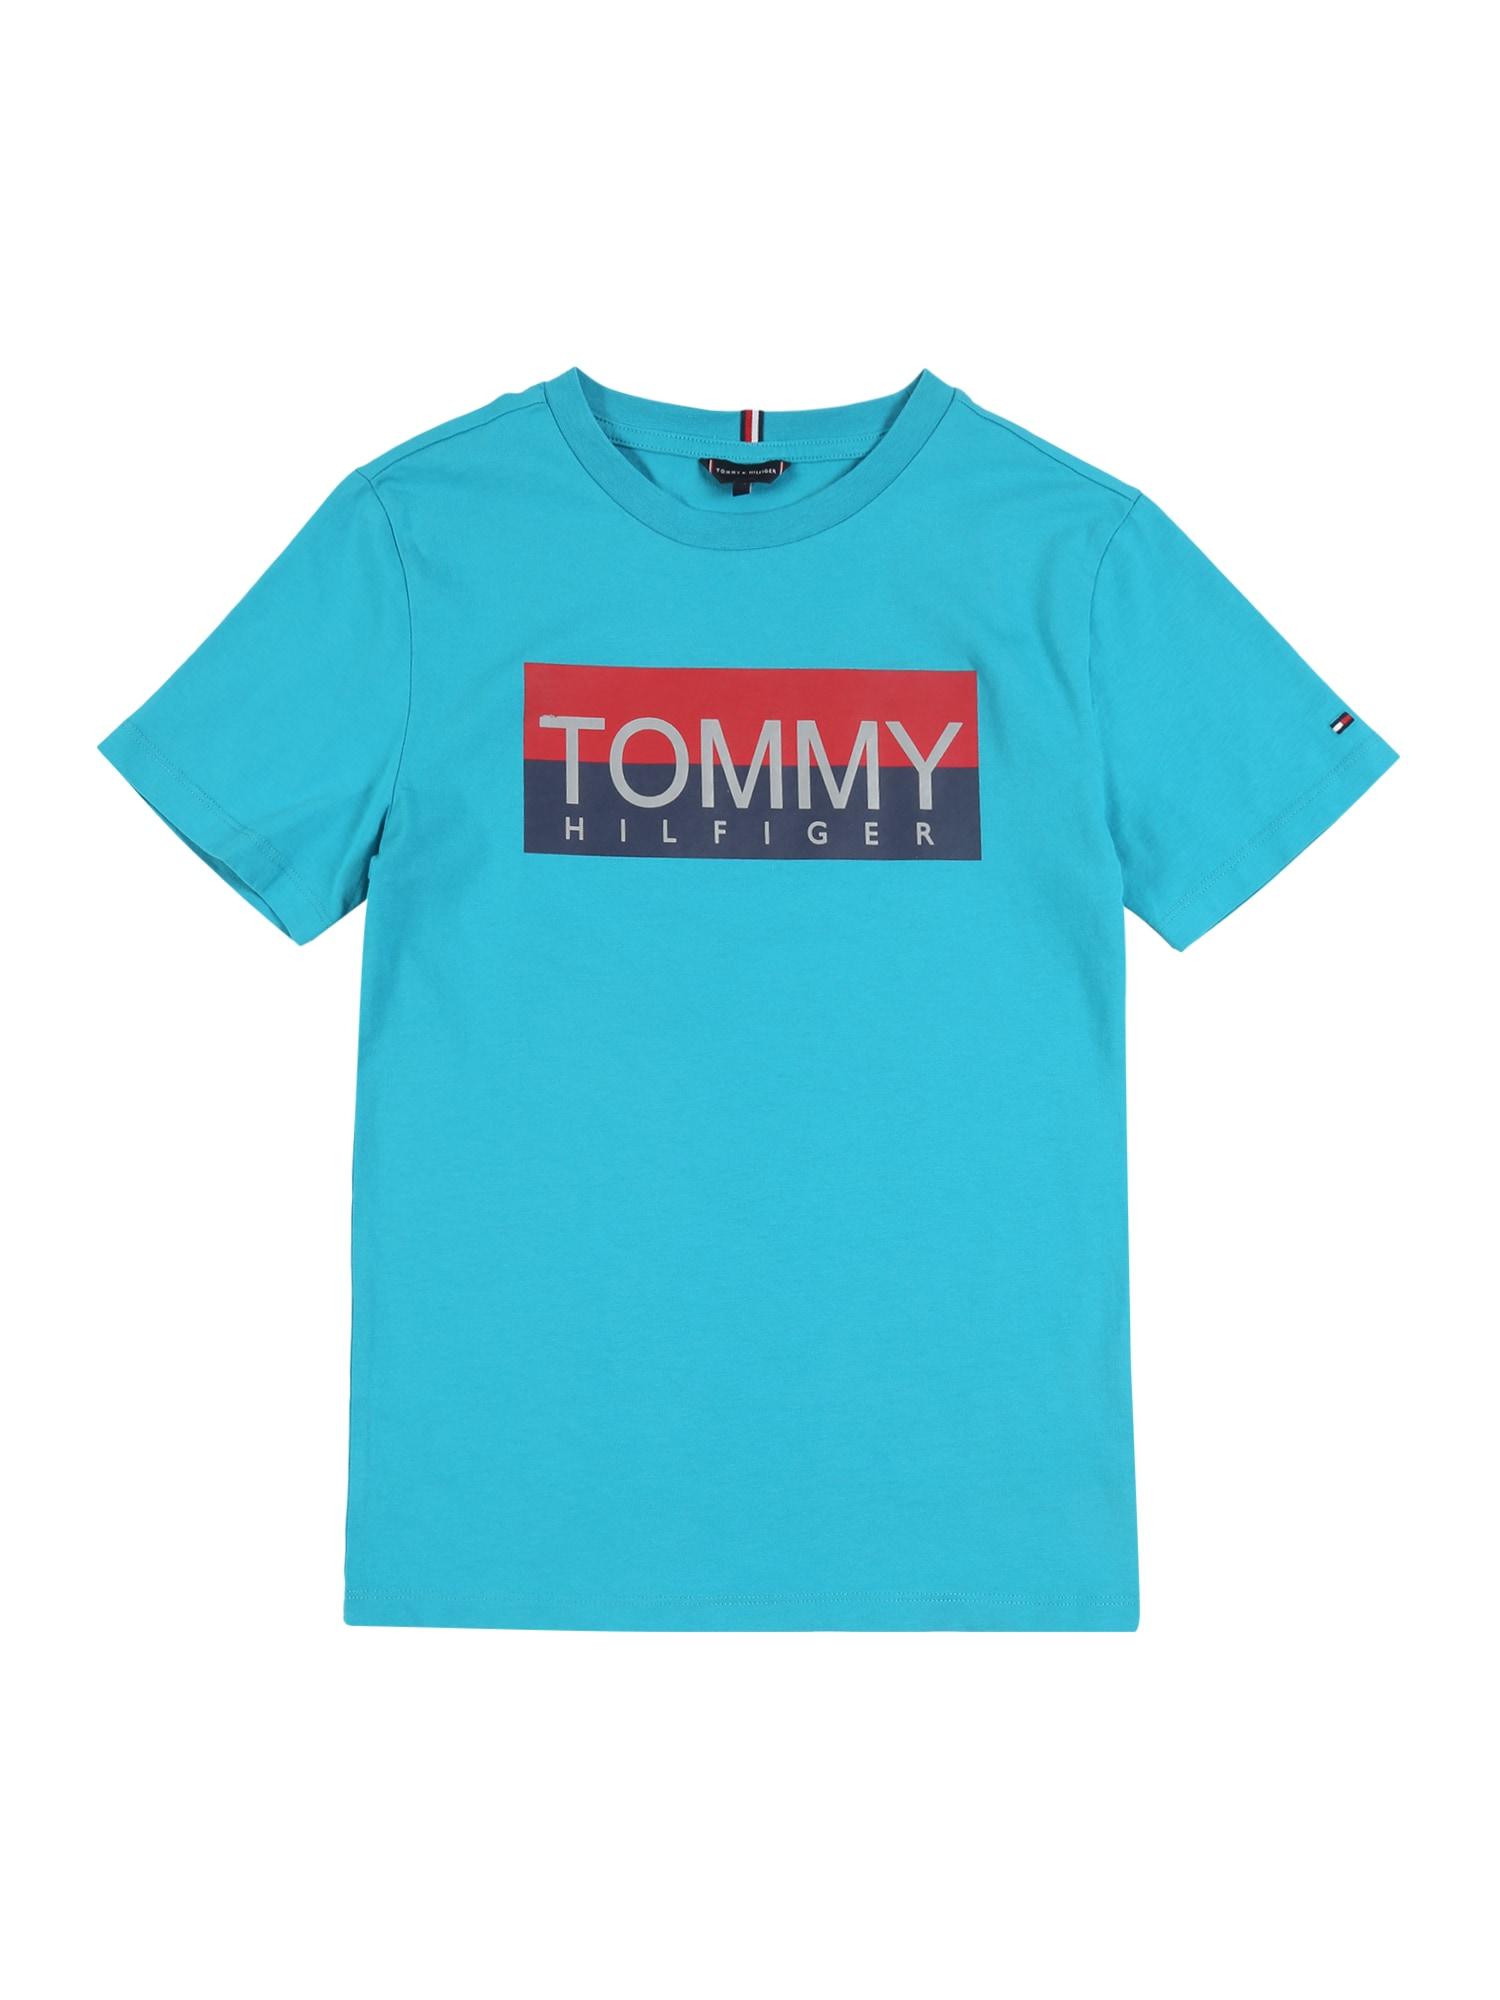 TOMMY HILFIGER Tričko 'REFLECTIVE HILFIGER TEE S/S'  tyrkysová